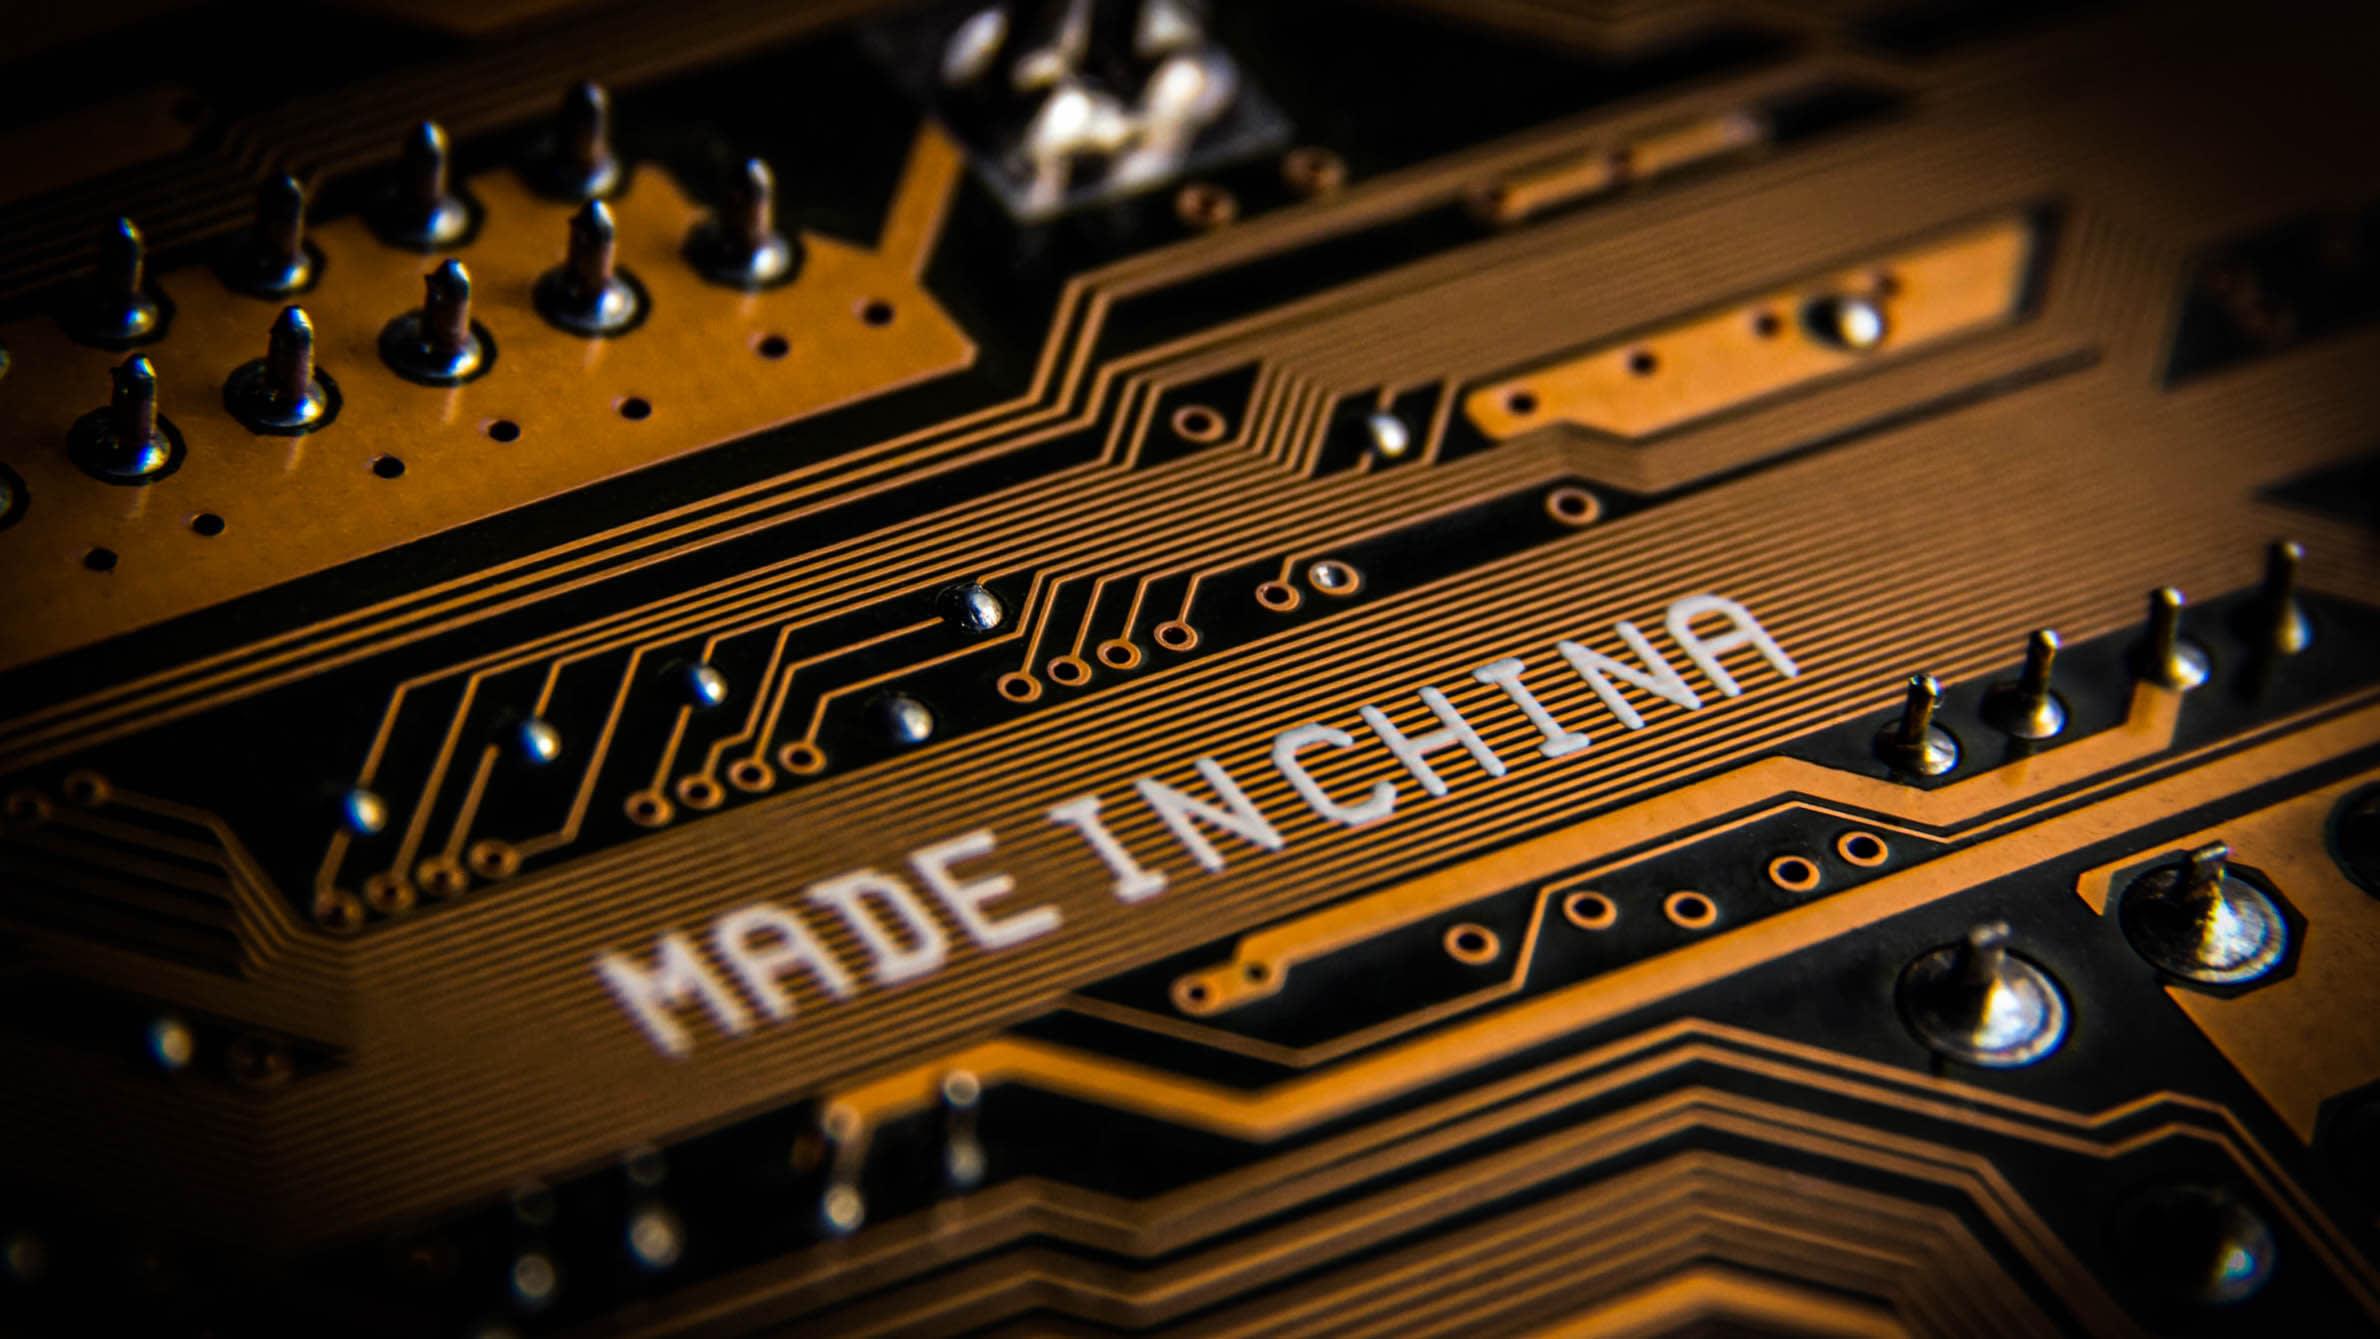 从信号链MCU到科创板,什么才是国产芯的核心竞争力?